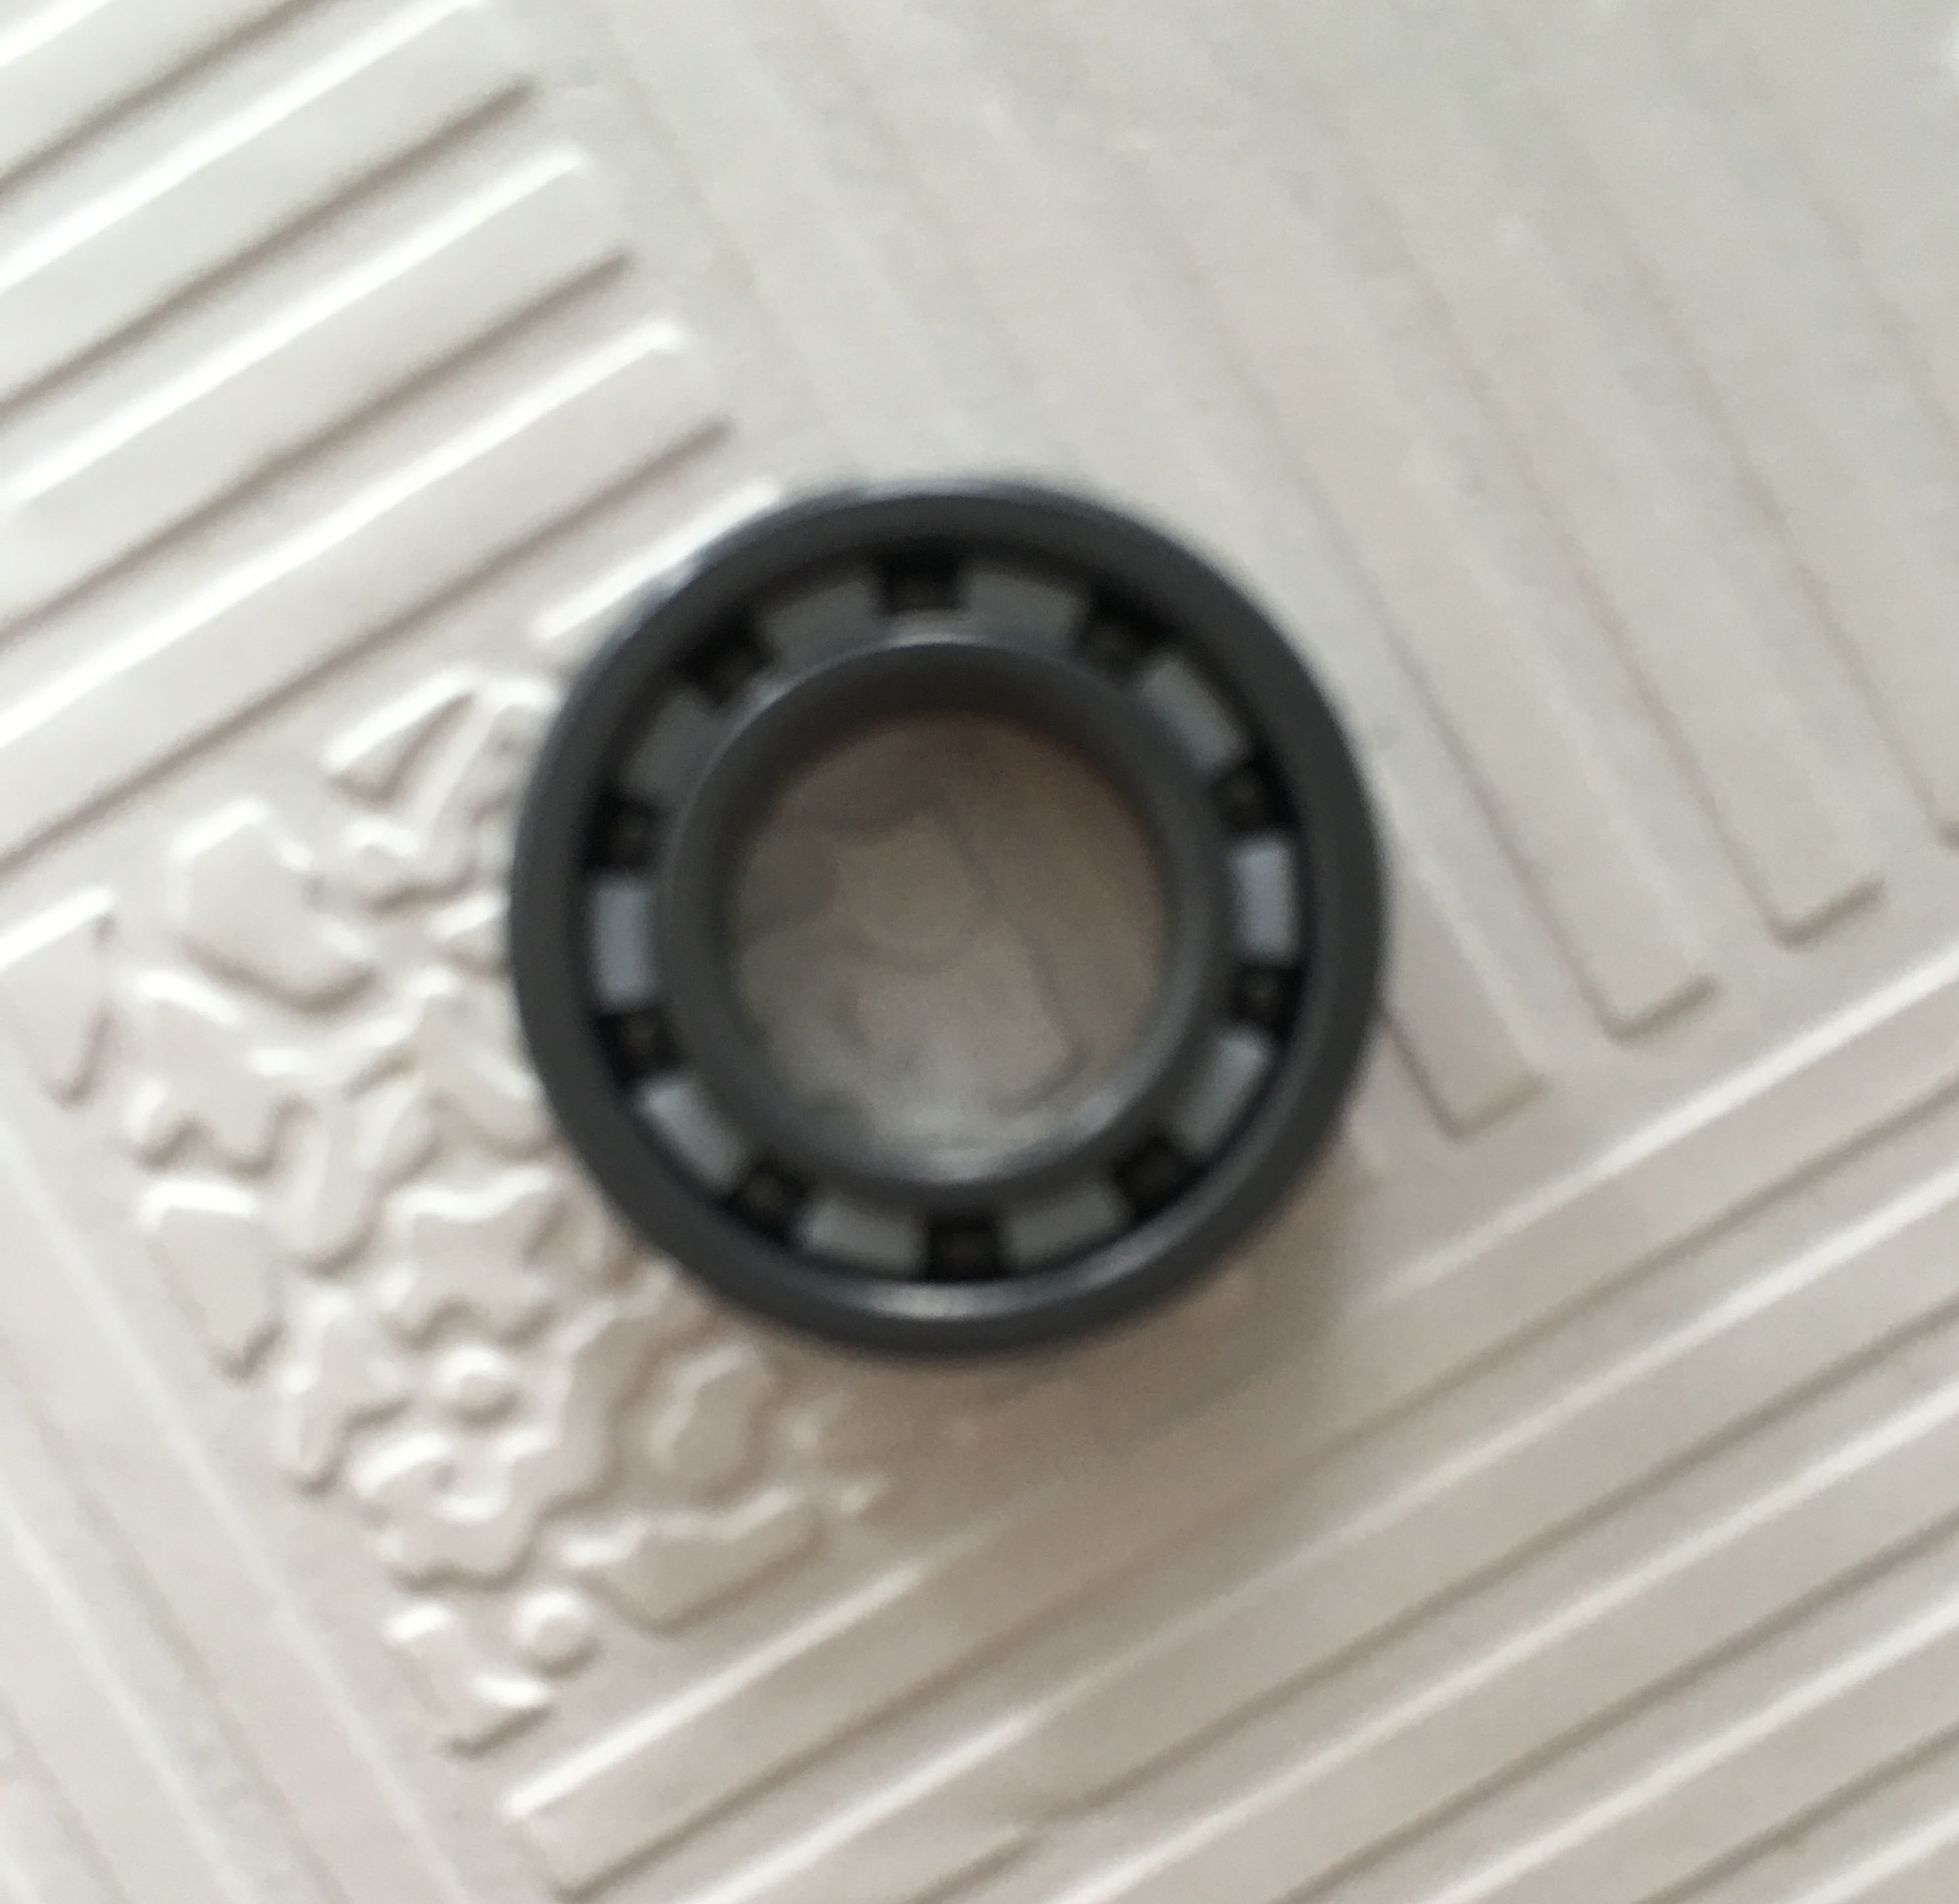 Free Shipping  6201 SI3N4 Full ceramic ball bearing SI3N4  201 BEARING 12*32*10 mm 624 si3n4 full ceramic ball bearing 4 13 5mm